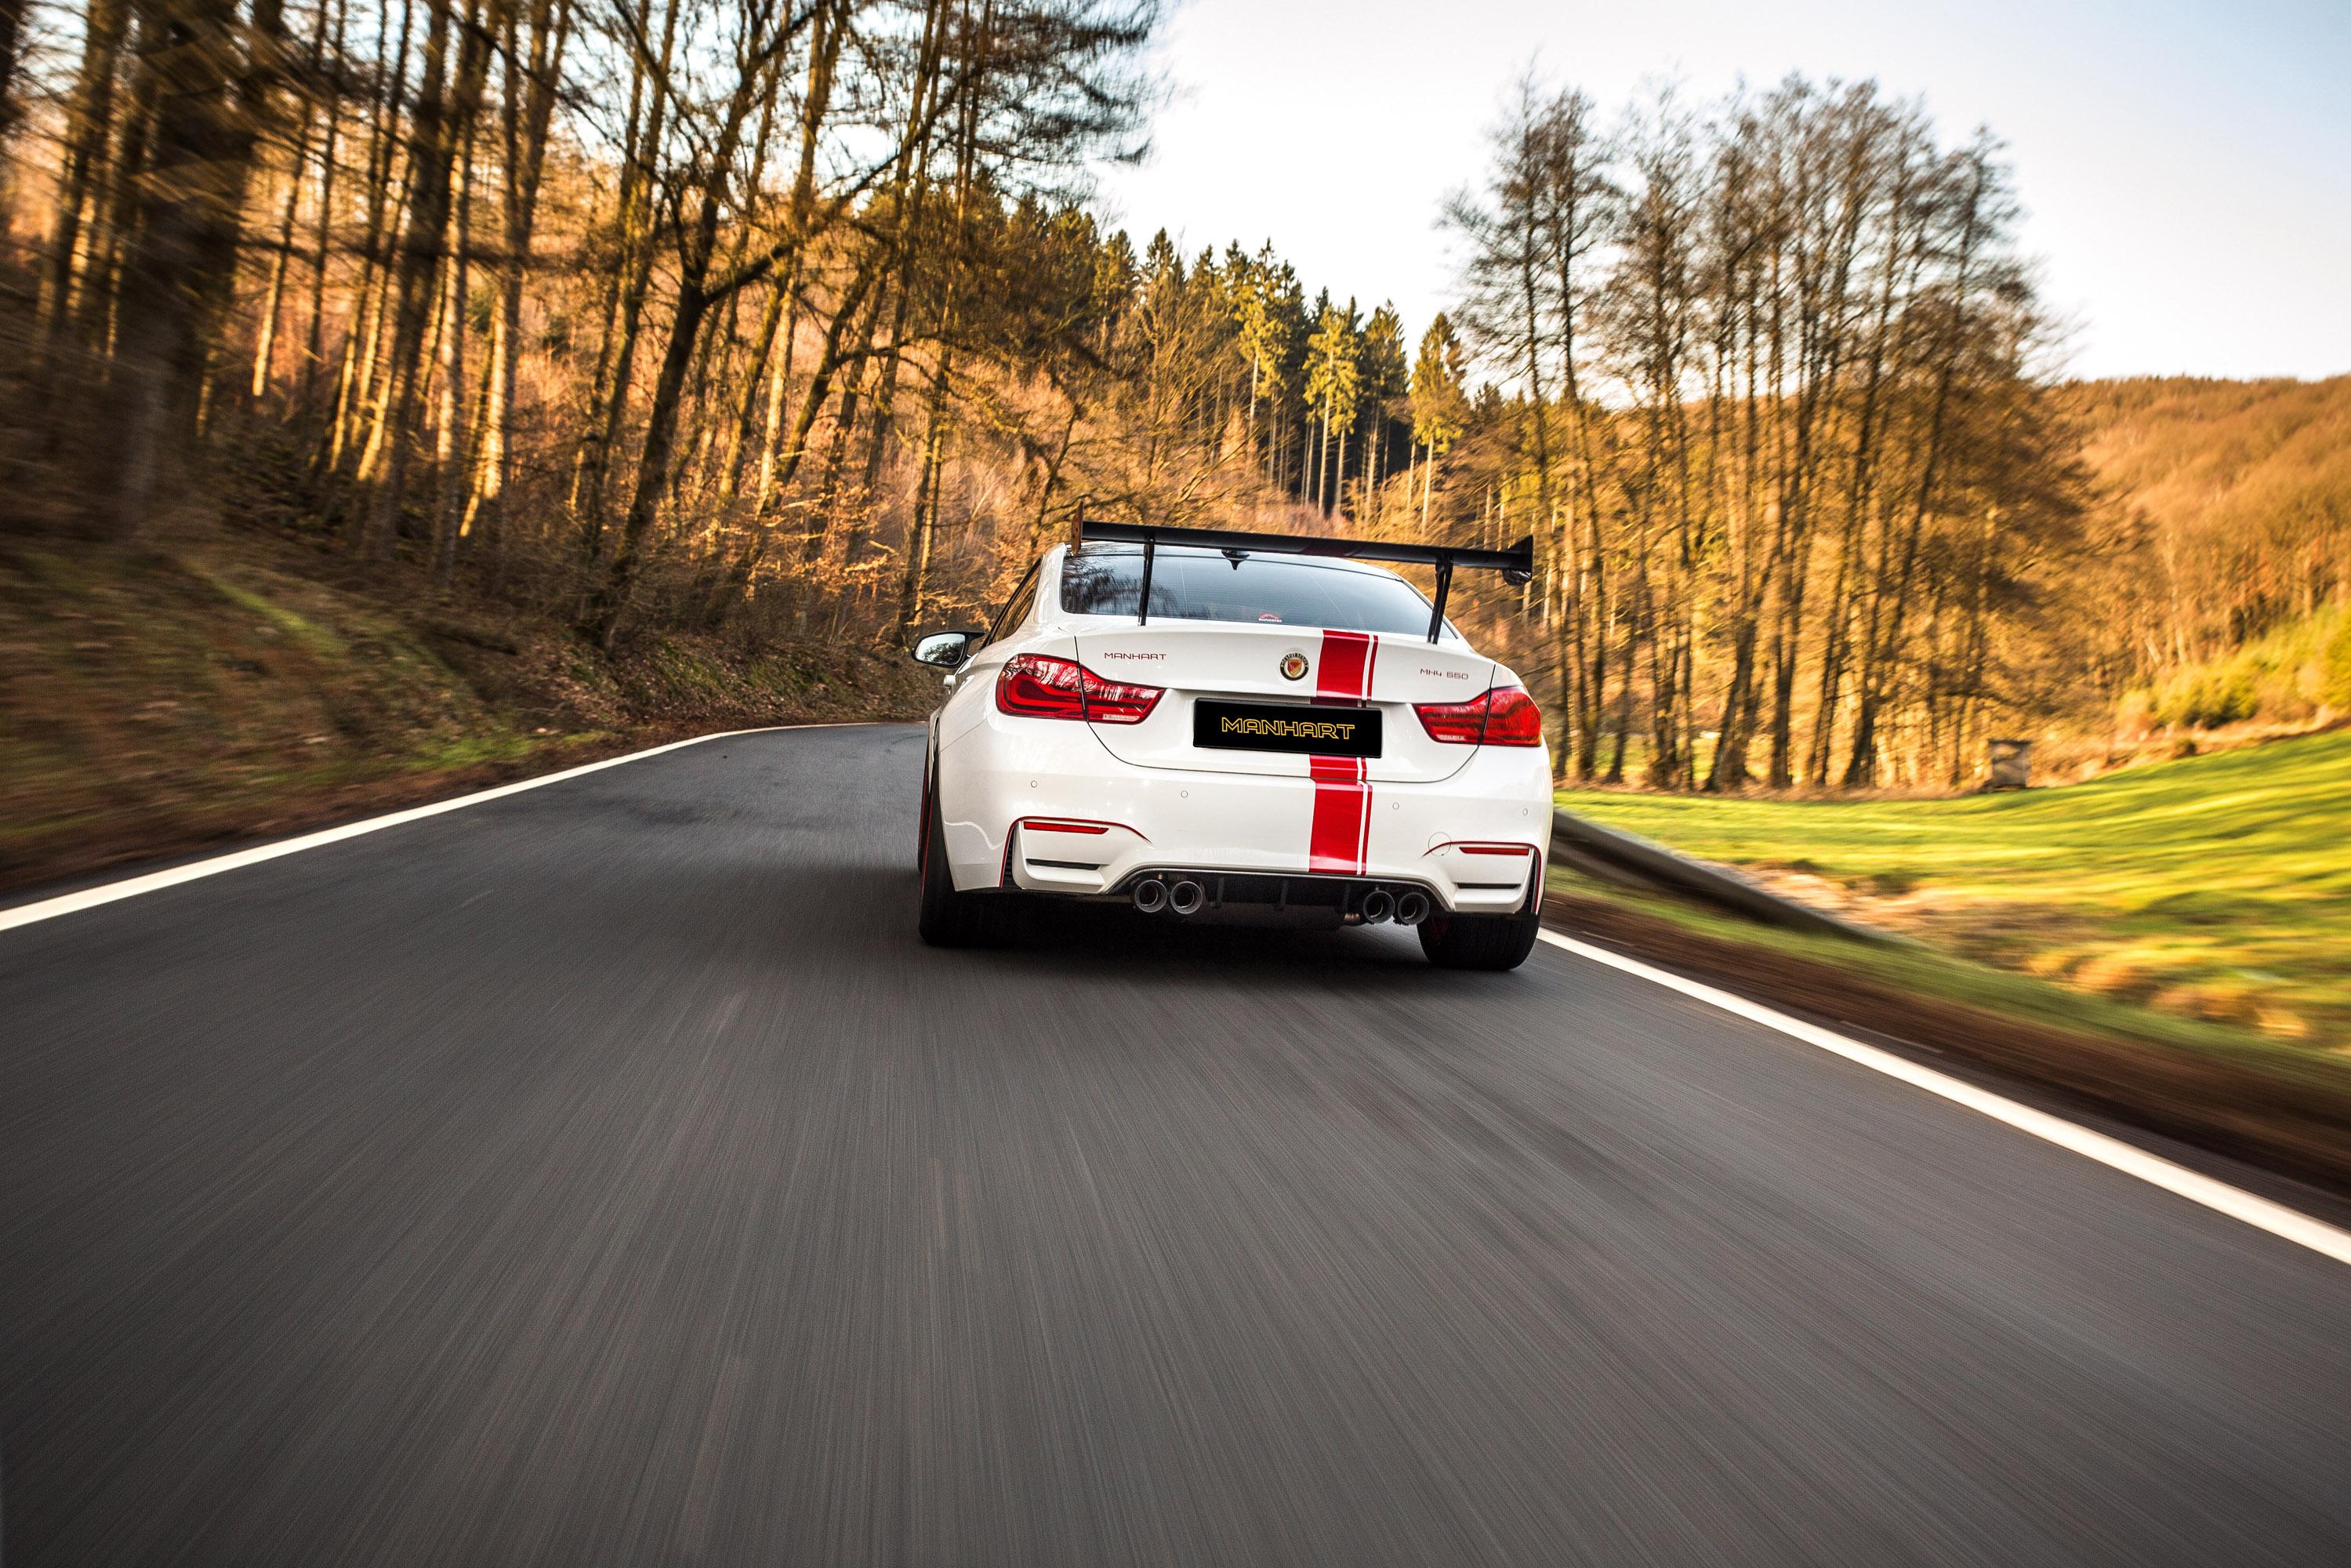 Белый кузов элегантно дополнен ярко-красными полосками и красными колесными дисками M-Performance. Кроме того, передний спойлер и задний диффузор выполнены из глянцевого карбона. Также Manhart установил массивный задний спойлер из карбона и острые эл